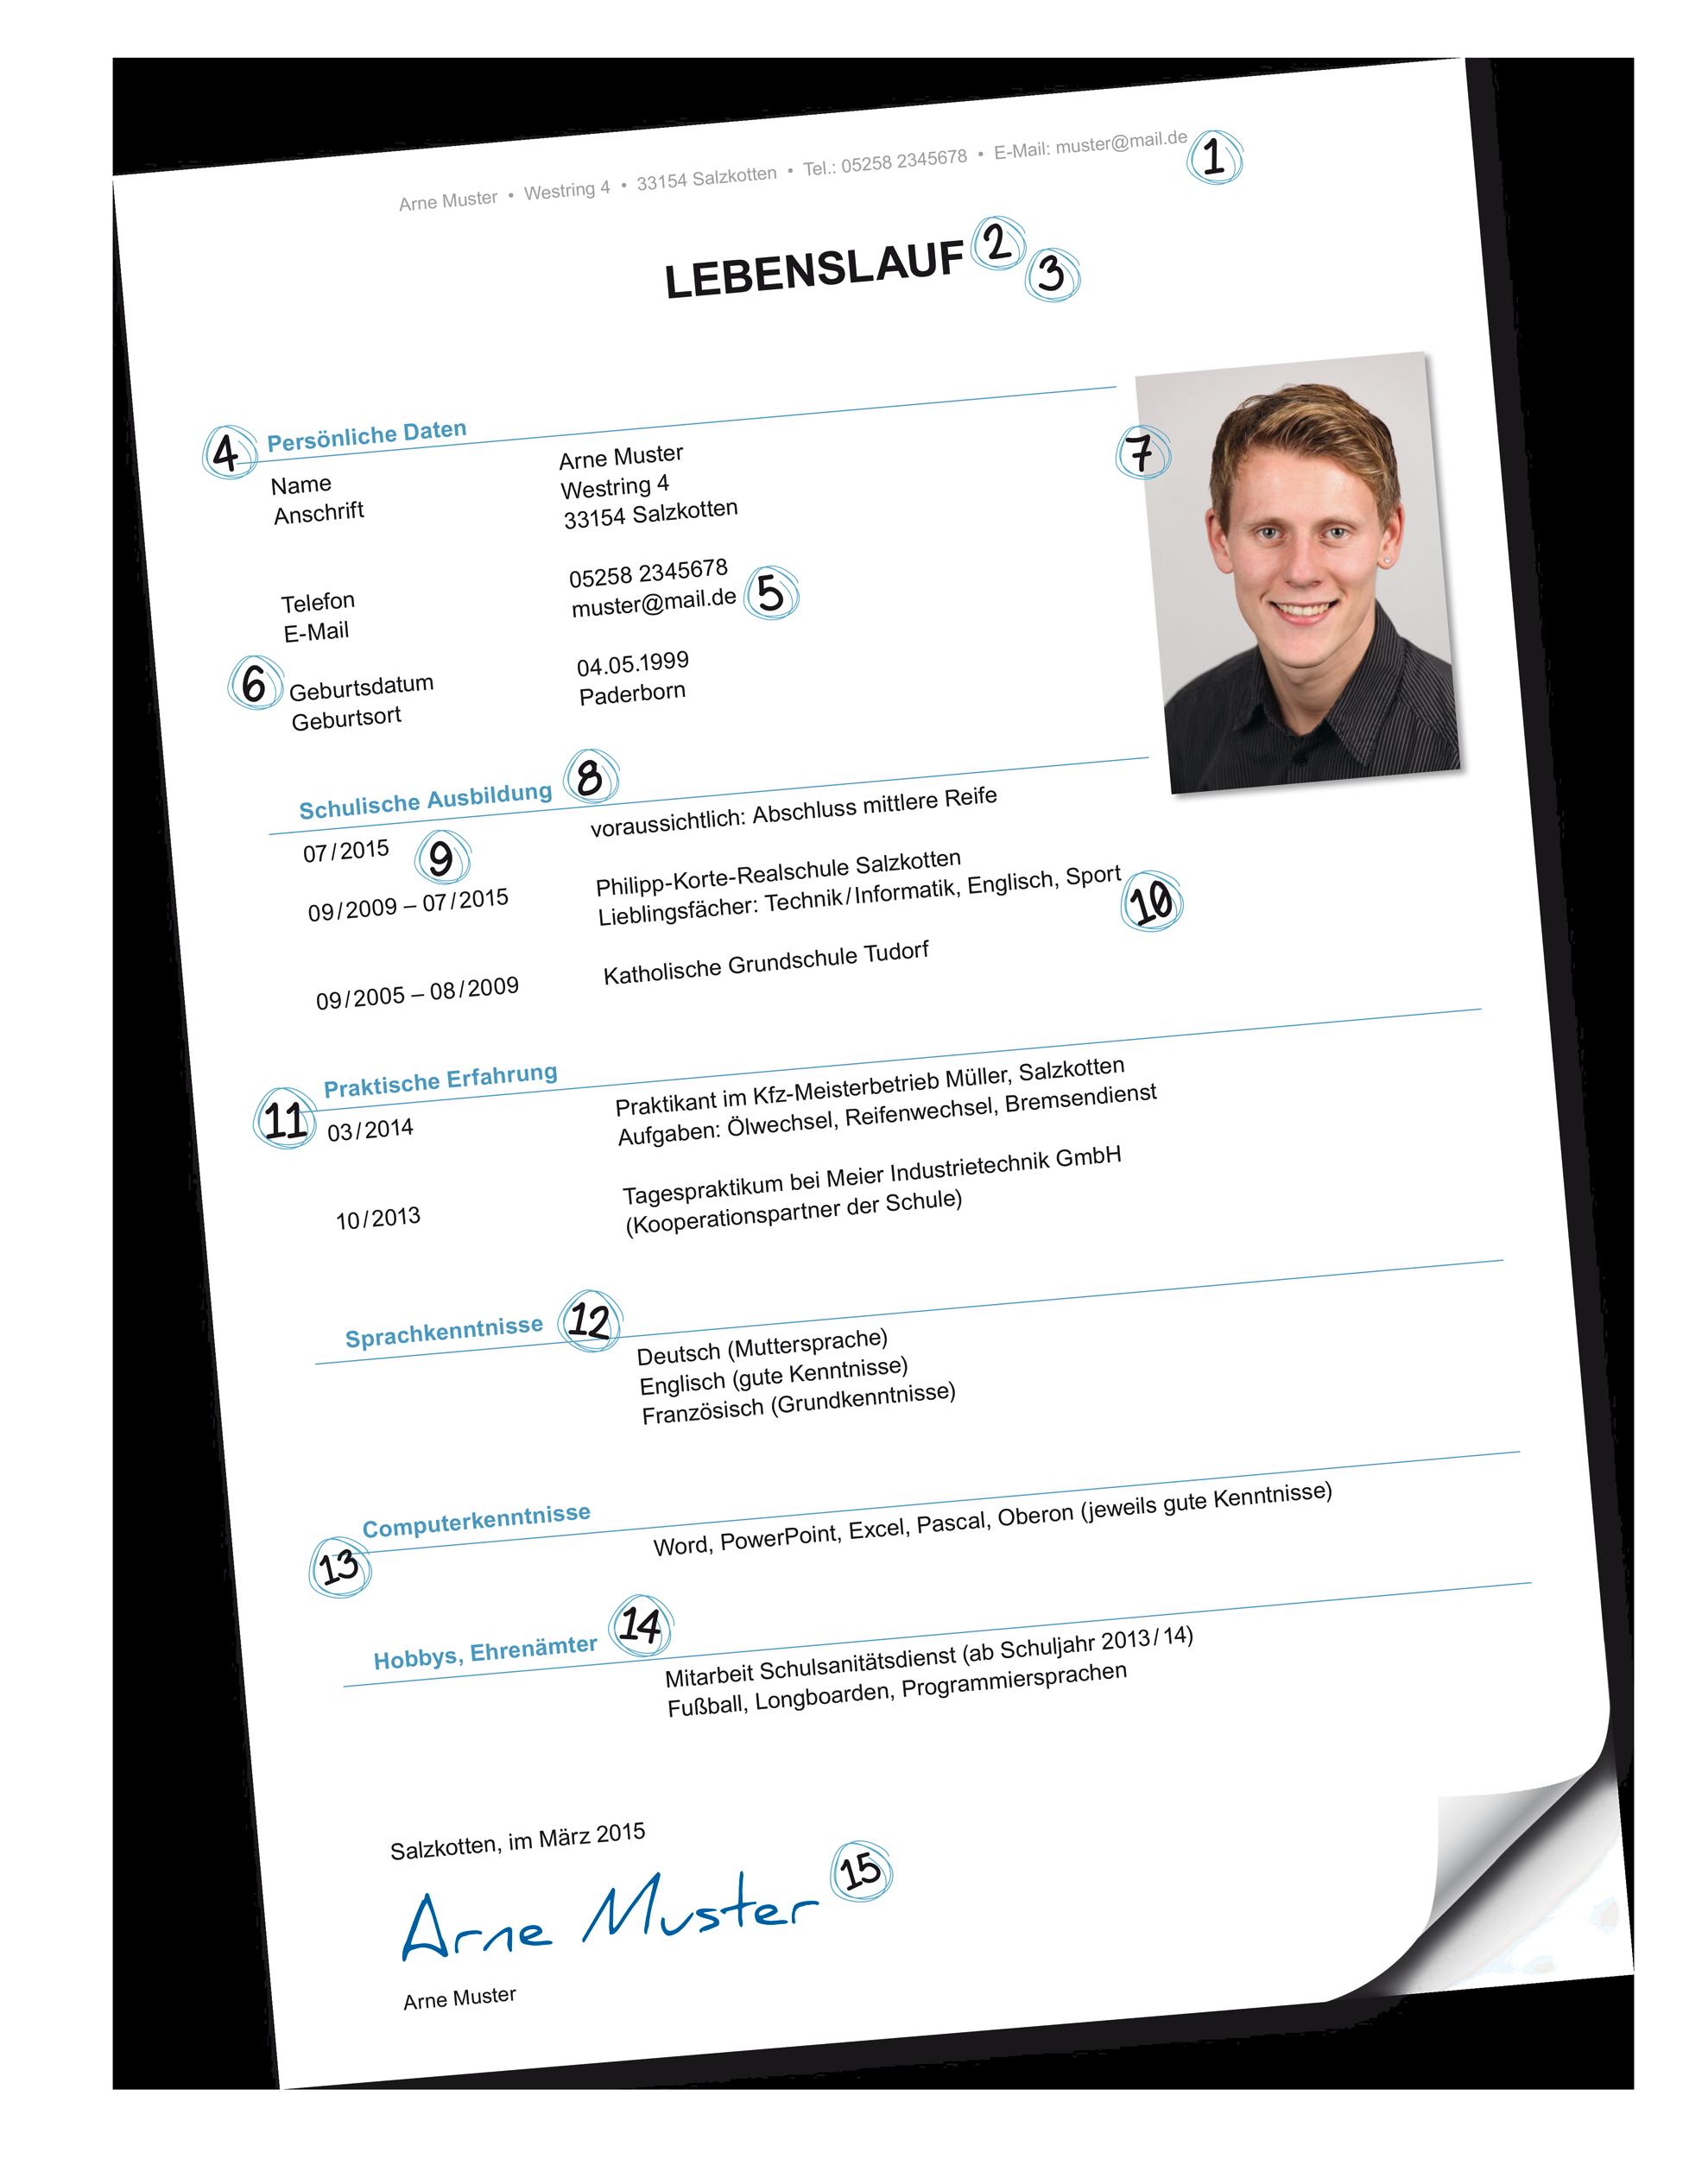 tl_filesausbildungsplatzimgredakteurmaterialnewsbilder im artikelbewerbungsspecial_lebenslaufpng - Lebenslauf Ausbildung